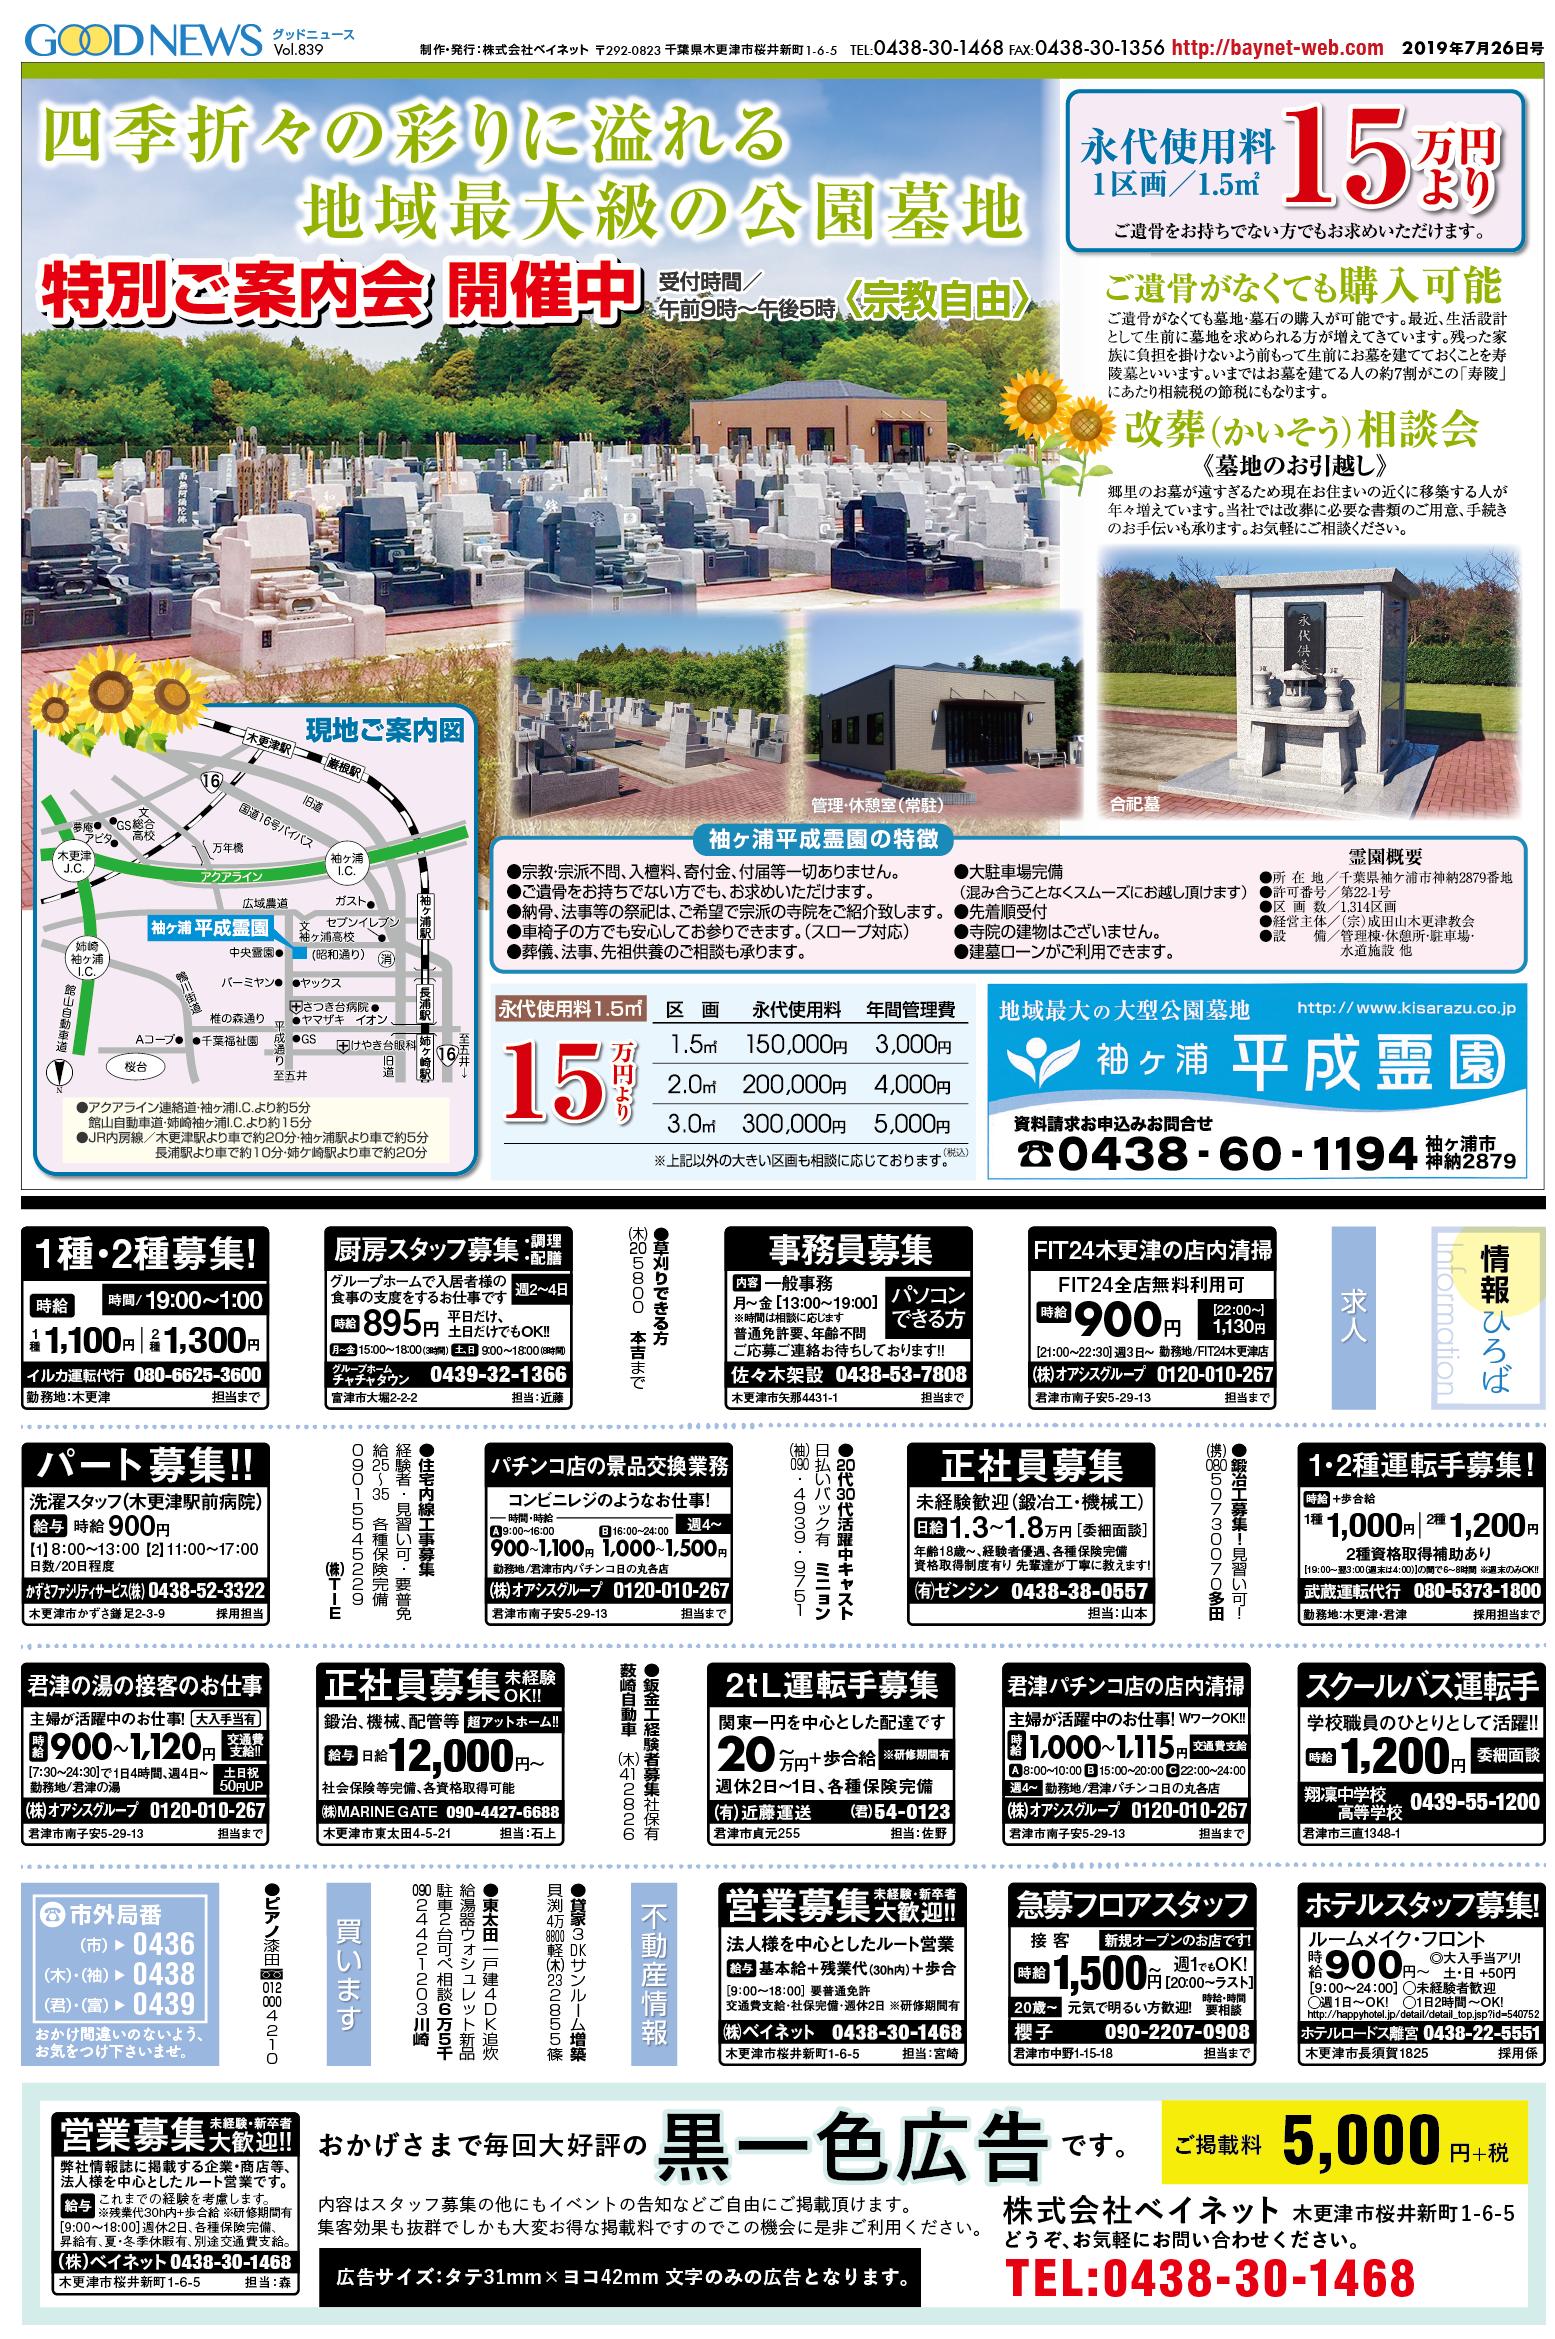 情報広場 袖ケ浦平成霊園